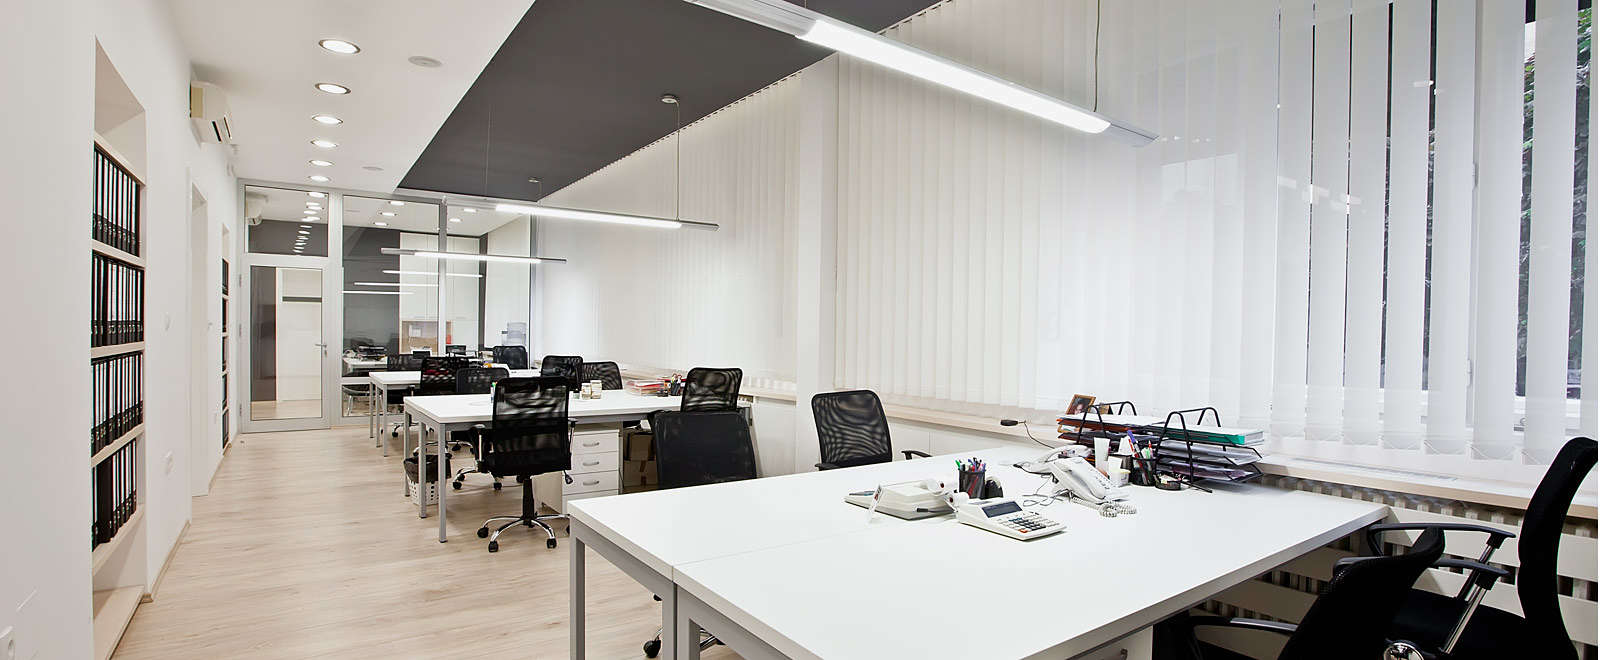 entretien de bureaux et locaux commerciaux montpellier 34. Black Bedroom Furniture Sets. Home Design Ideas